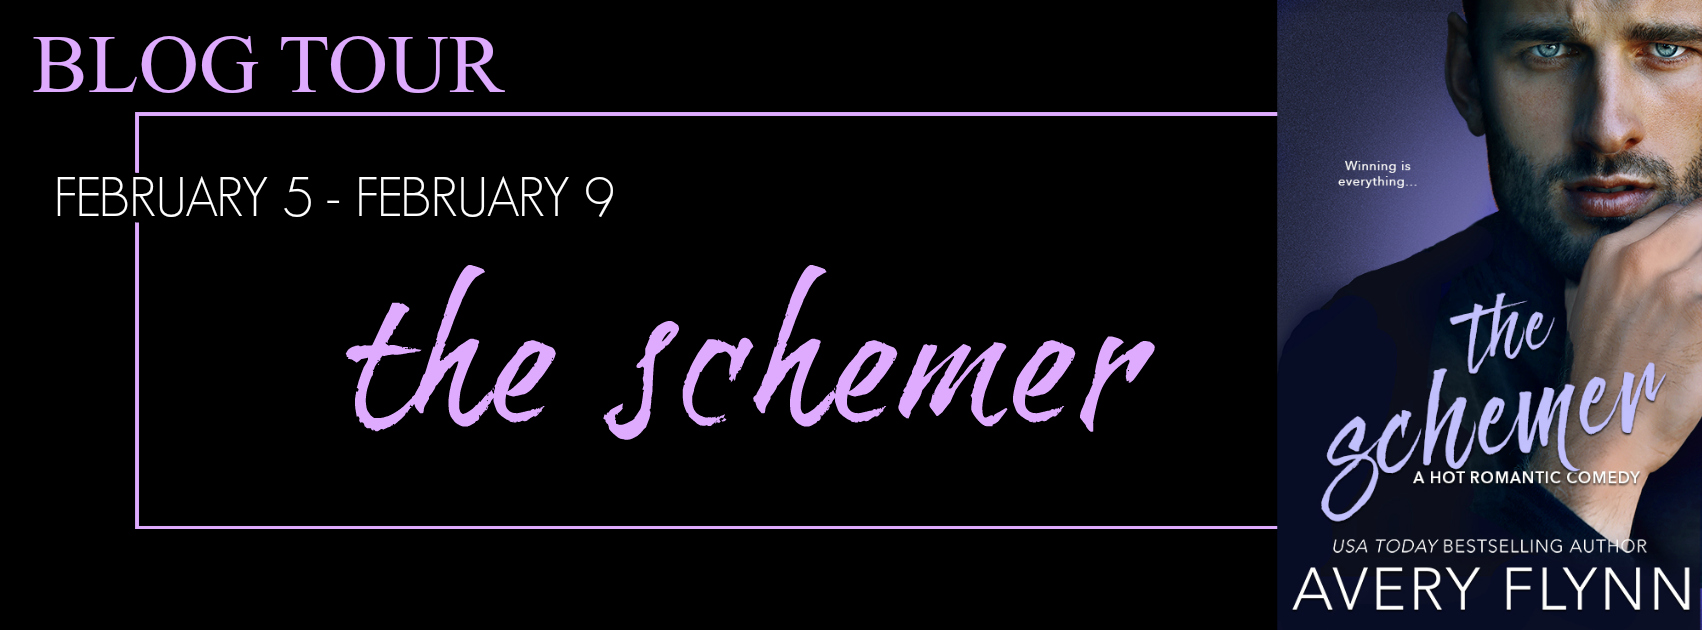 schemer banner.jpg